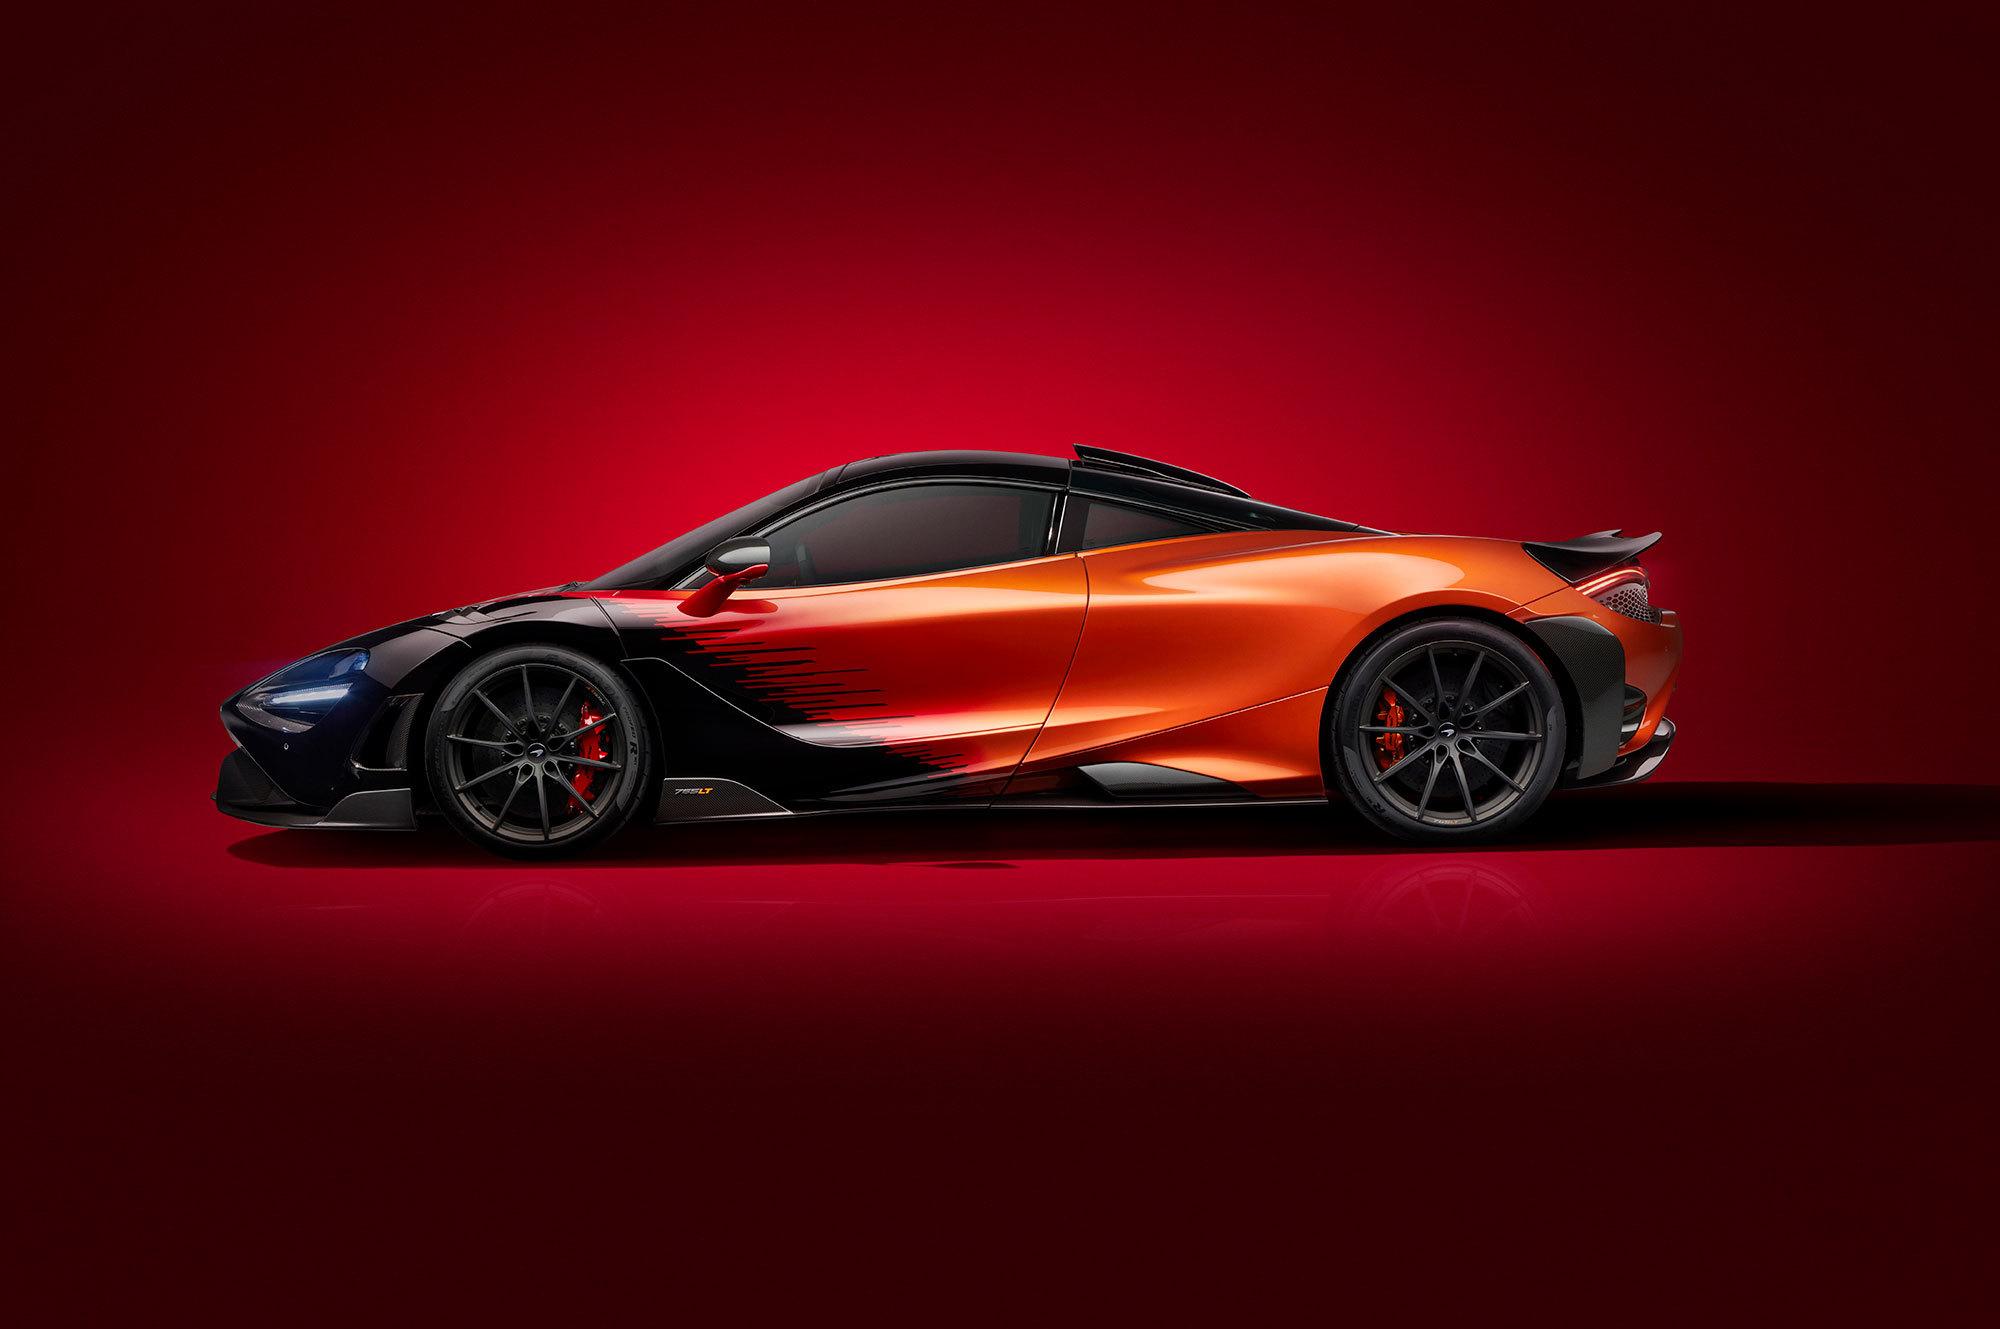 McLaren представил суперкар McLaren 765LT в новой спецверсии Strata Theme